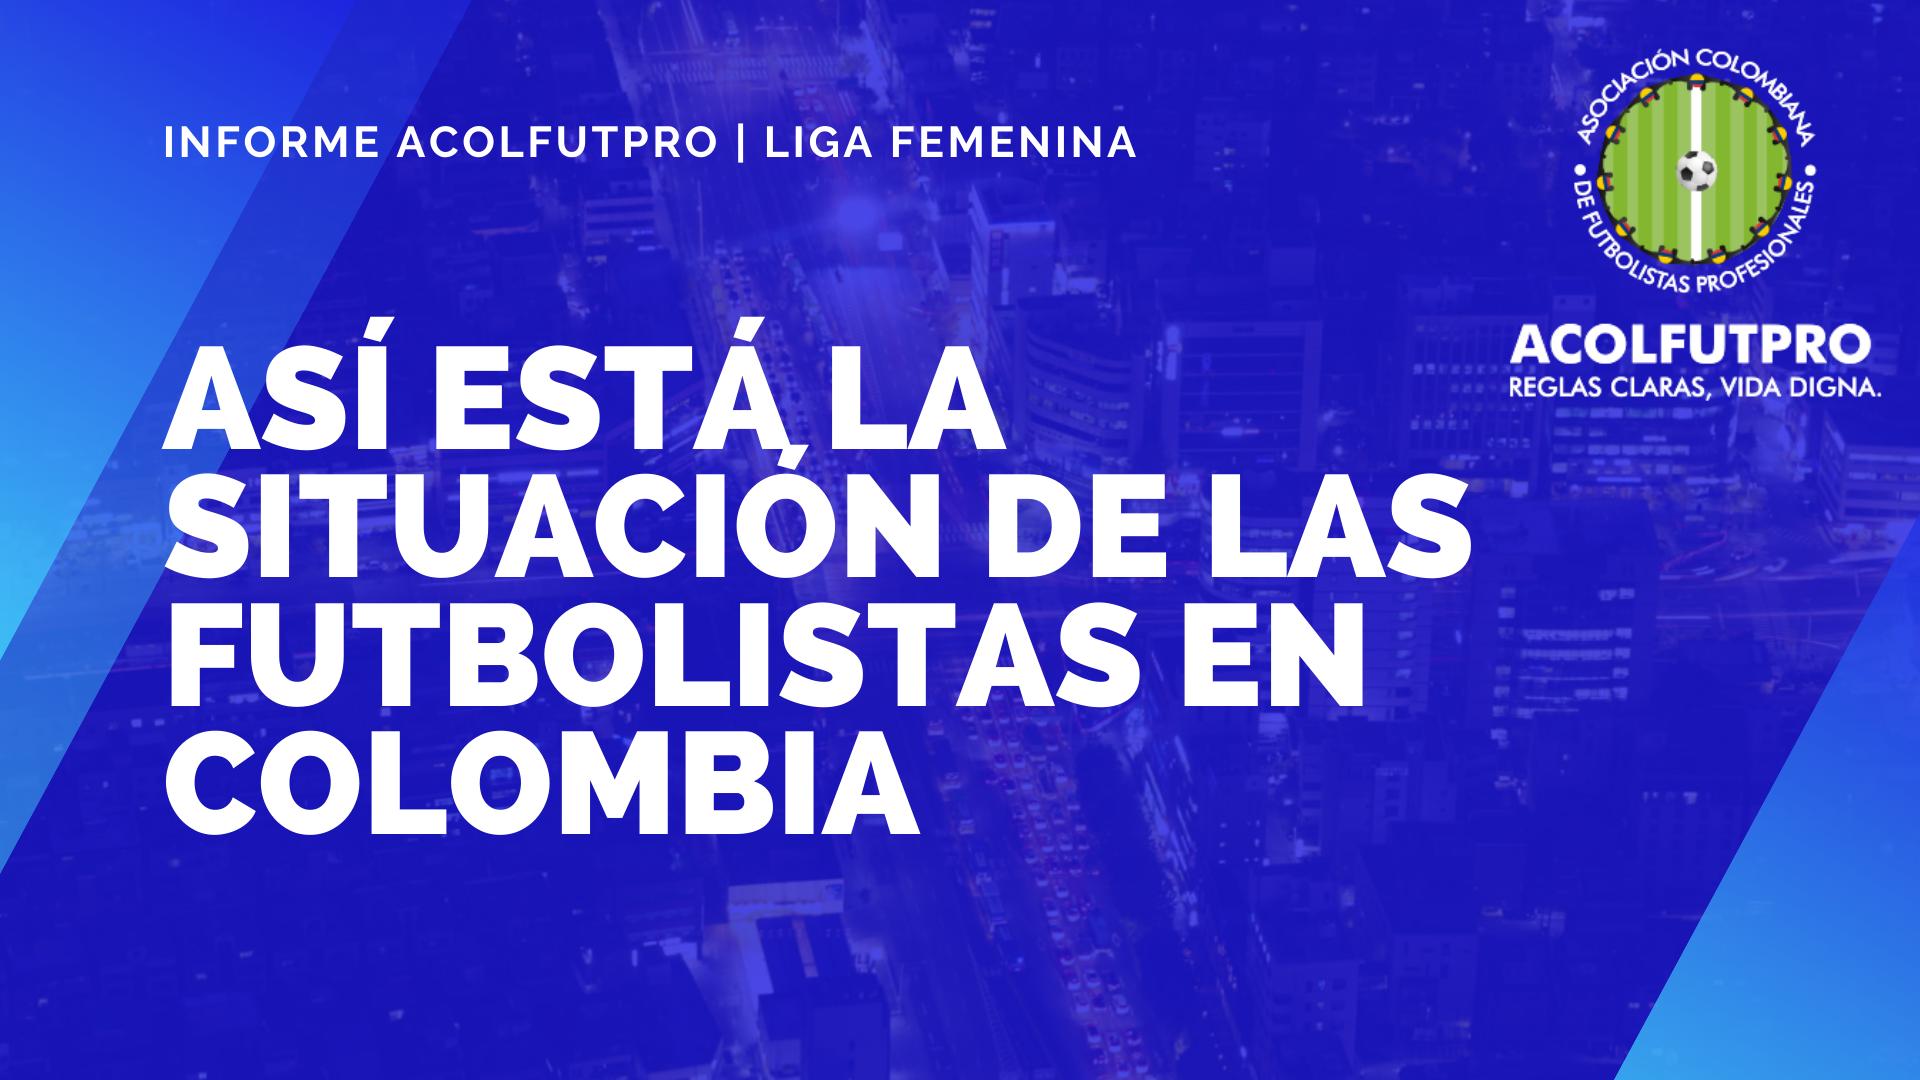 Informe ACOLFUTPRO | Situación de las futbolistas de la liga femenina 2020